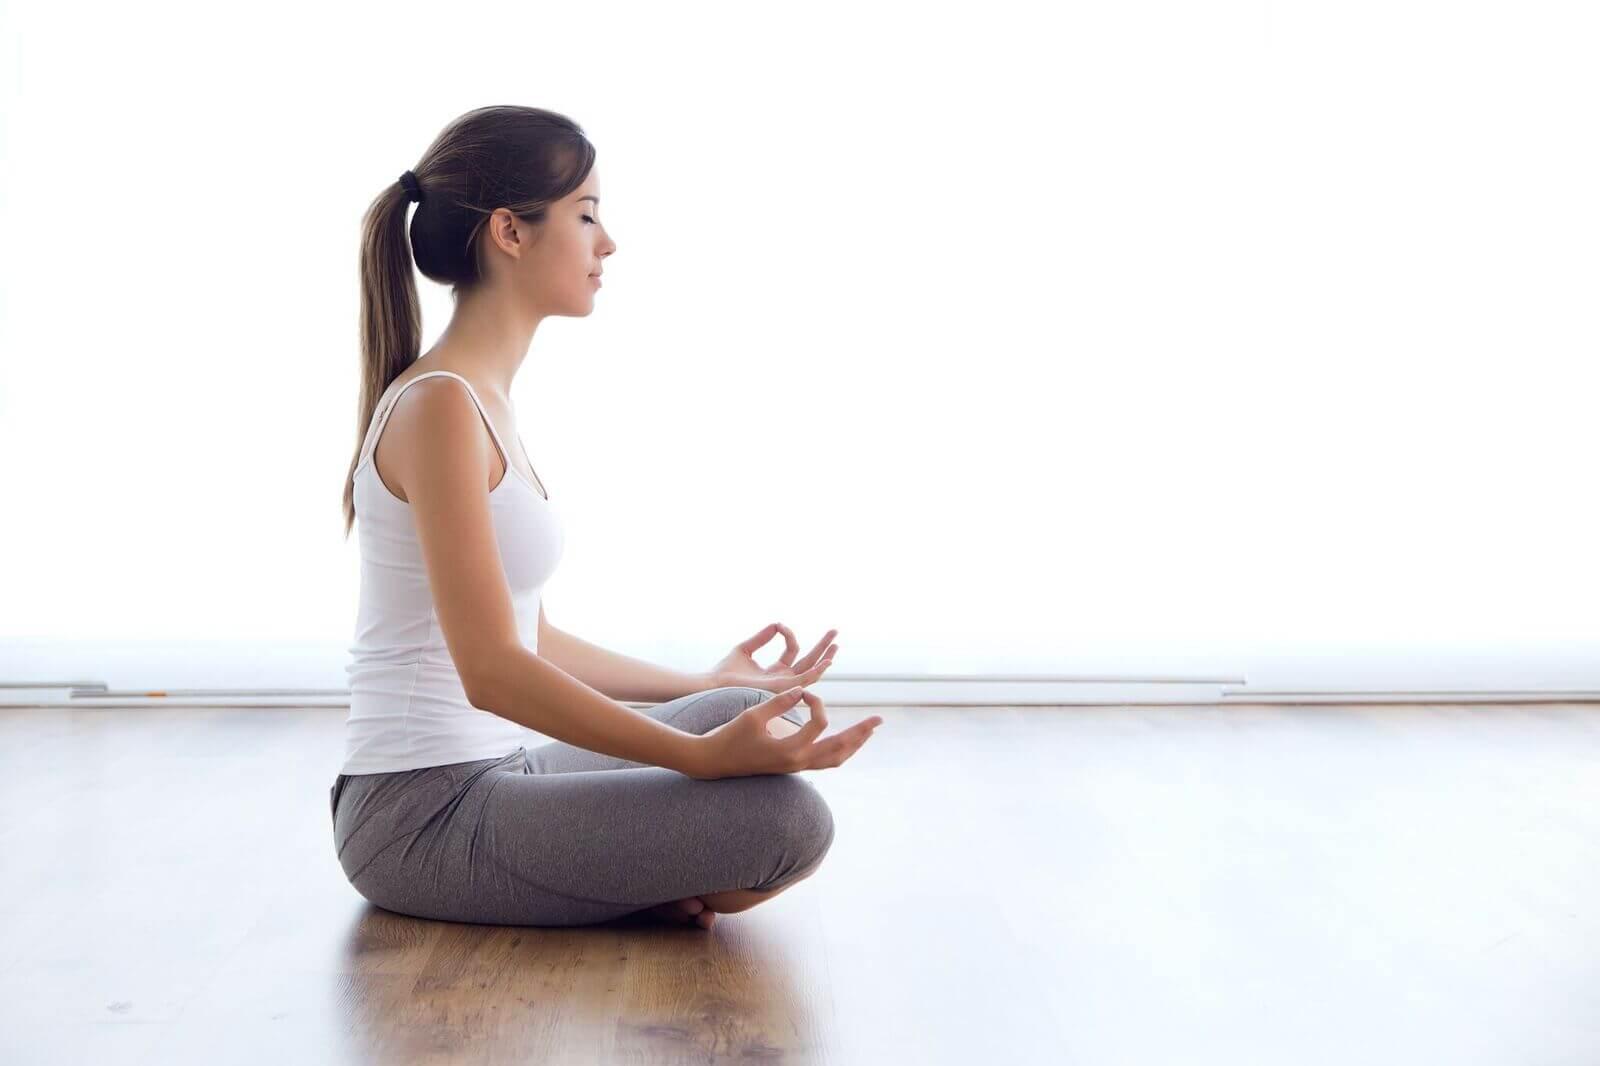 Sessioni di meditazione guidata per praticare la mindfulness anche da casa